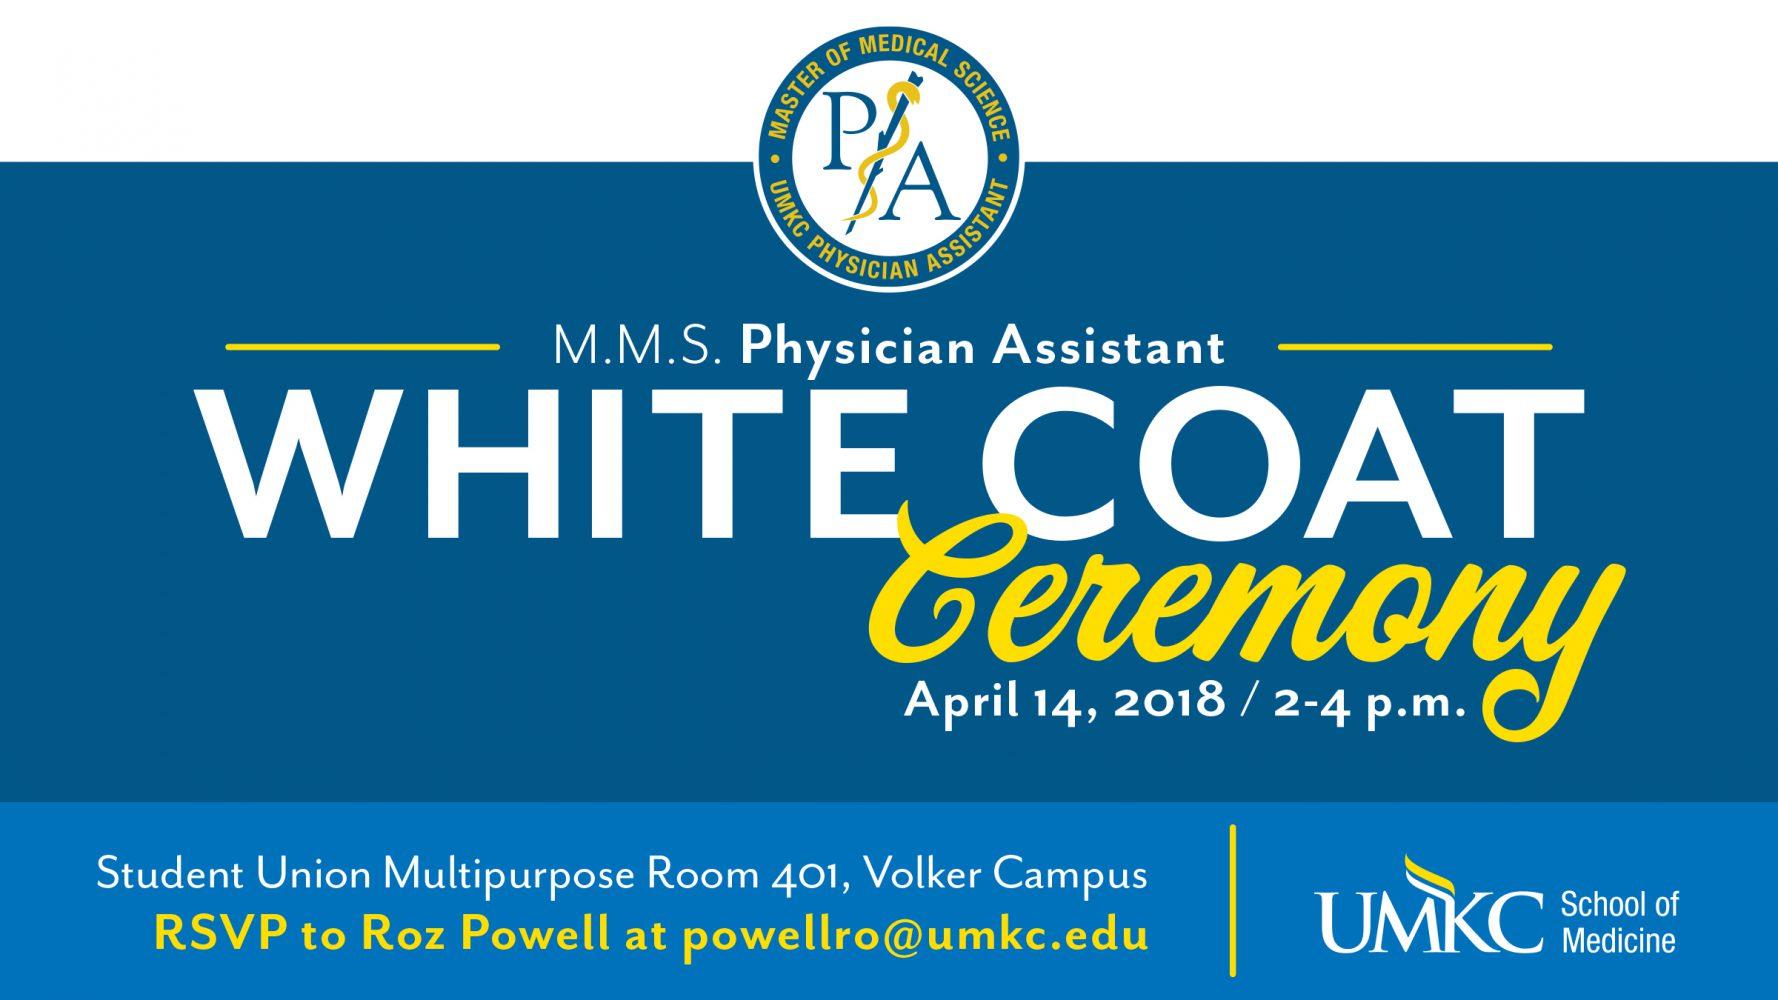 2018 PA White Coat Ceremony